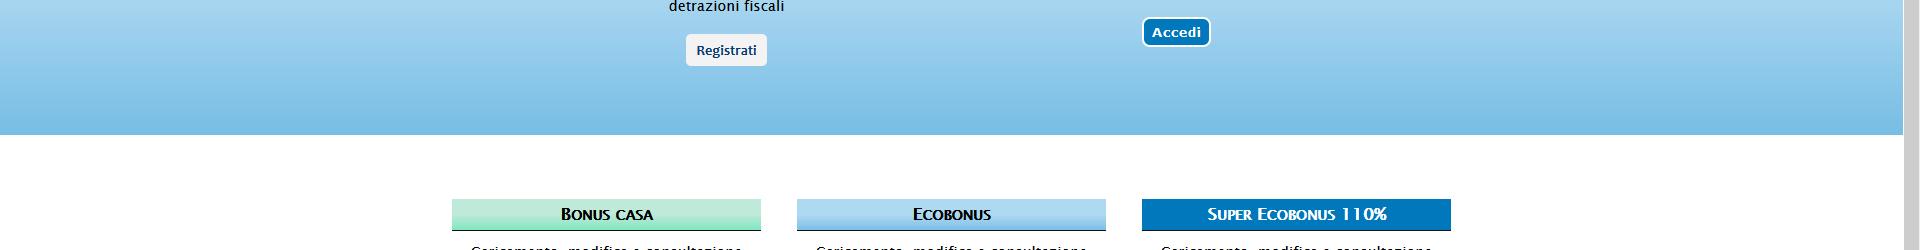 Superbonus 110% – Portale Enea operativo per la presentazione delle domande